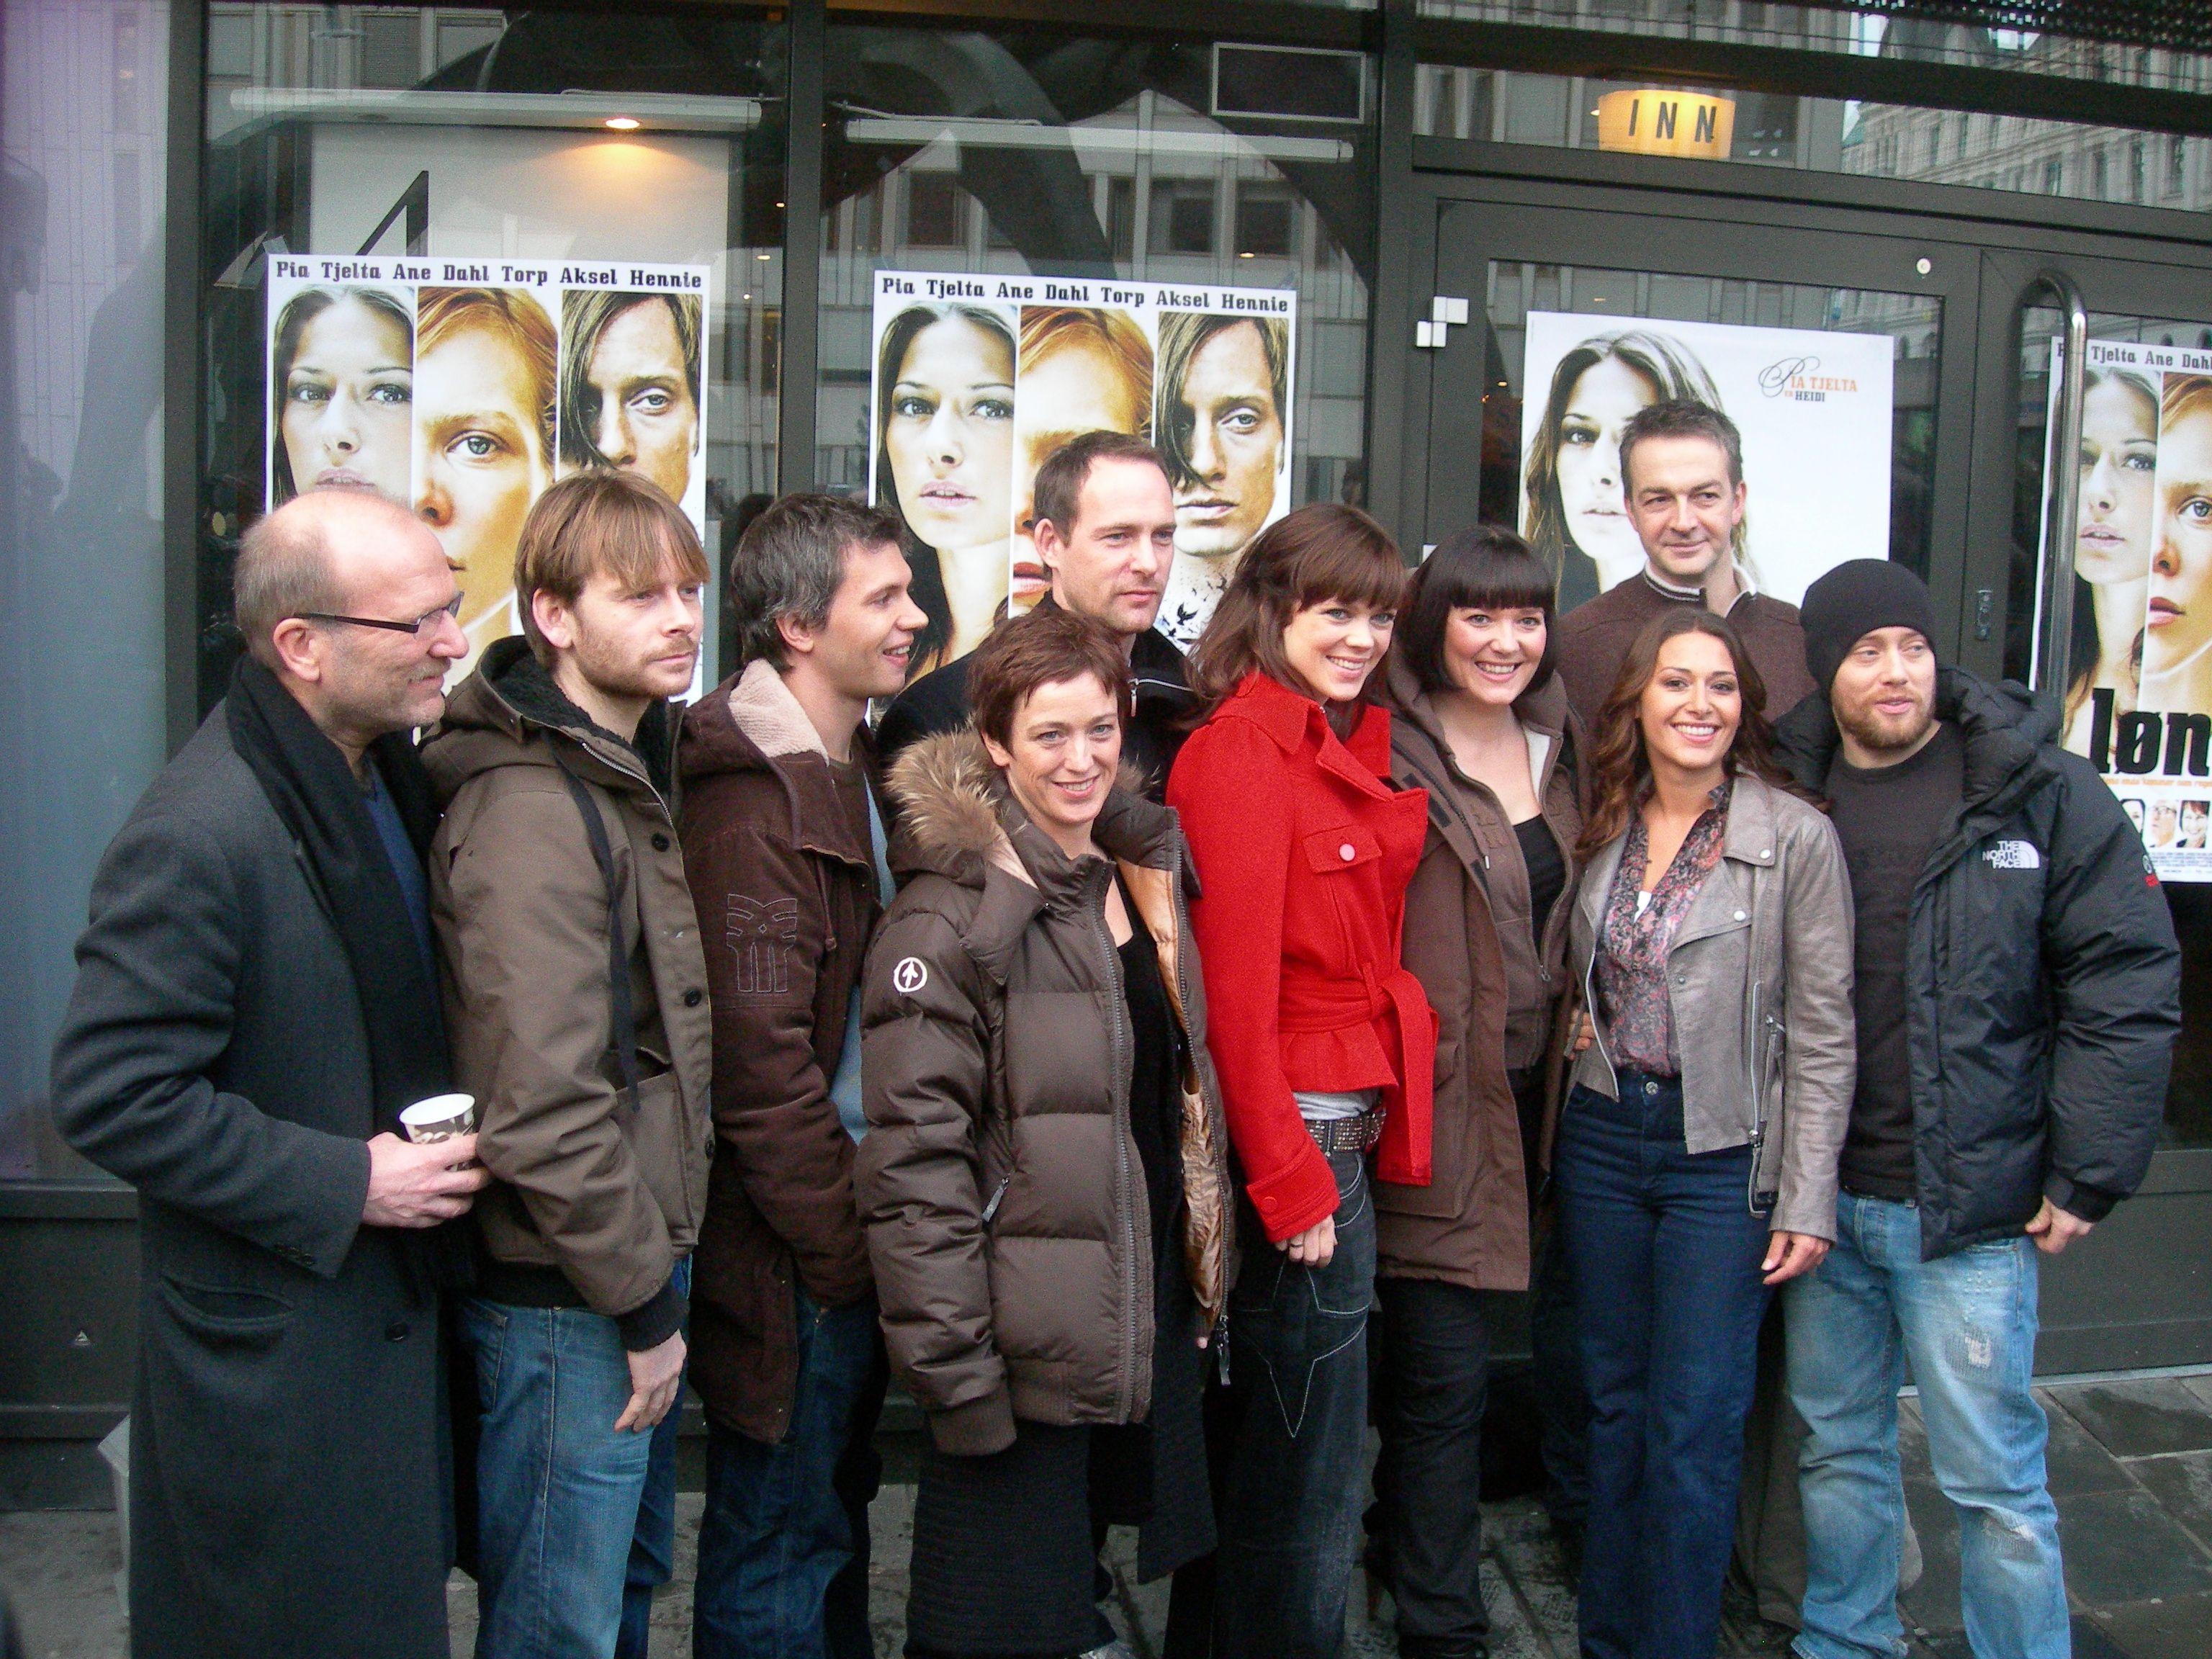 Regissør Sørhaug sammen med flere av skuespillerne, blant annet Pia Tjelta og Aksel Hennie (begge til høyre).